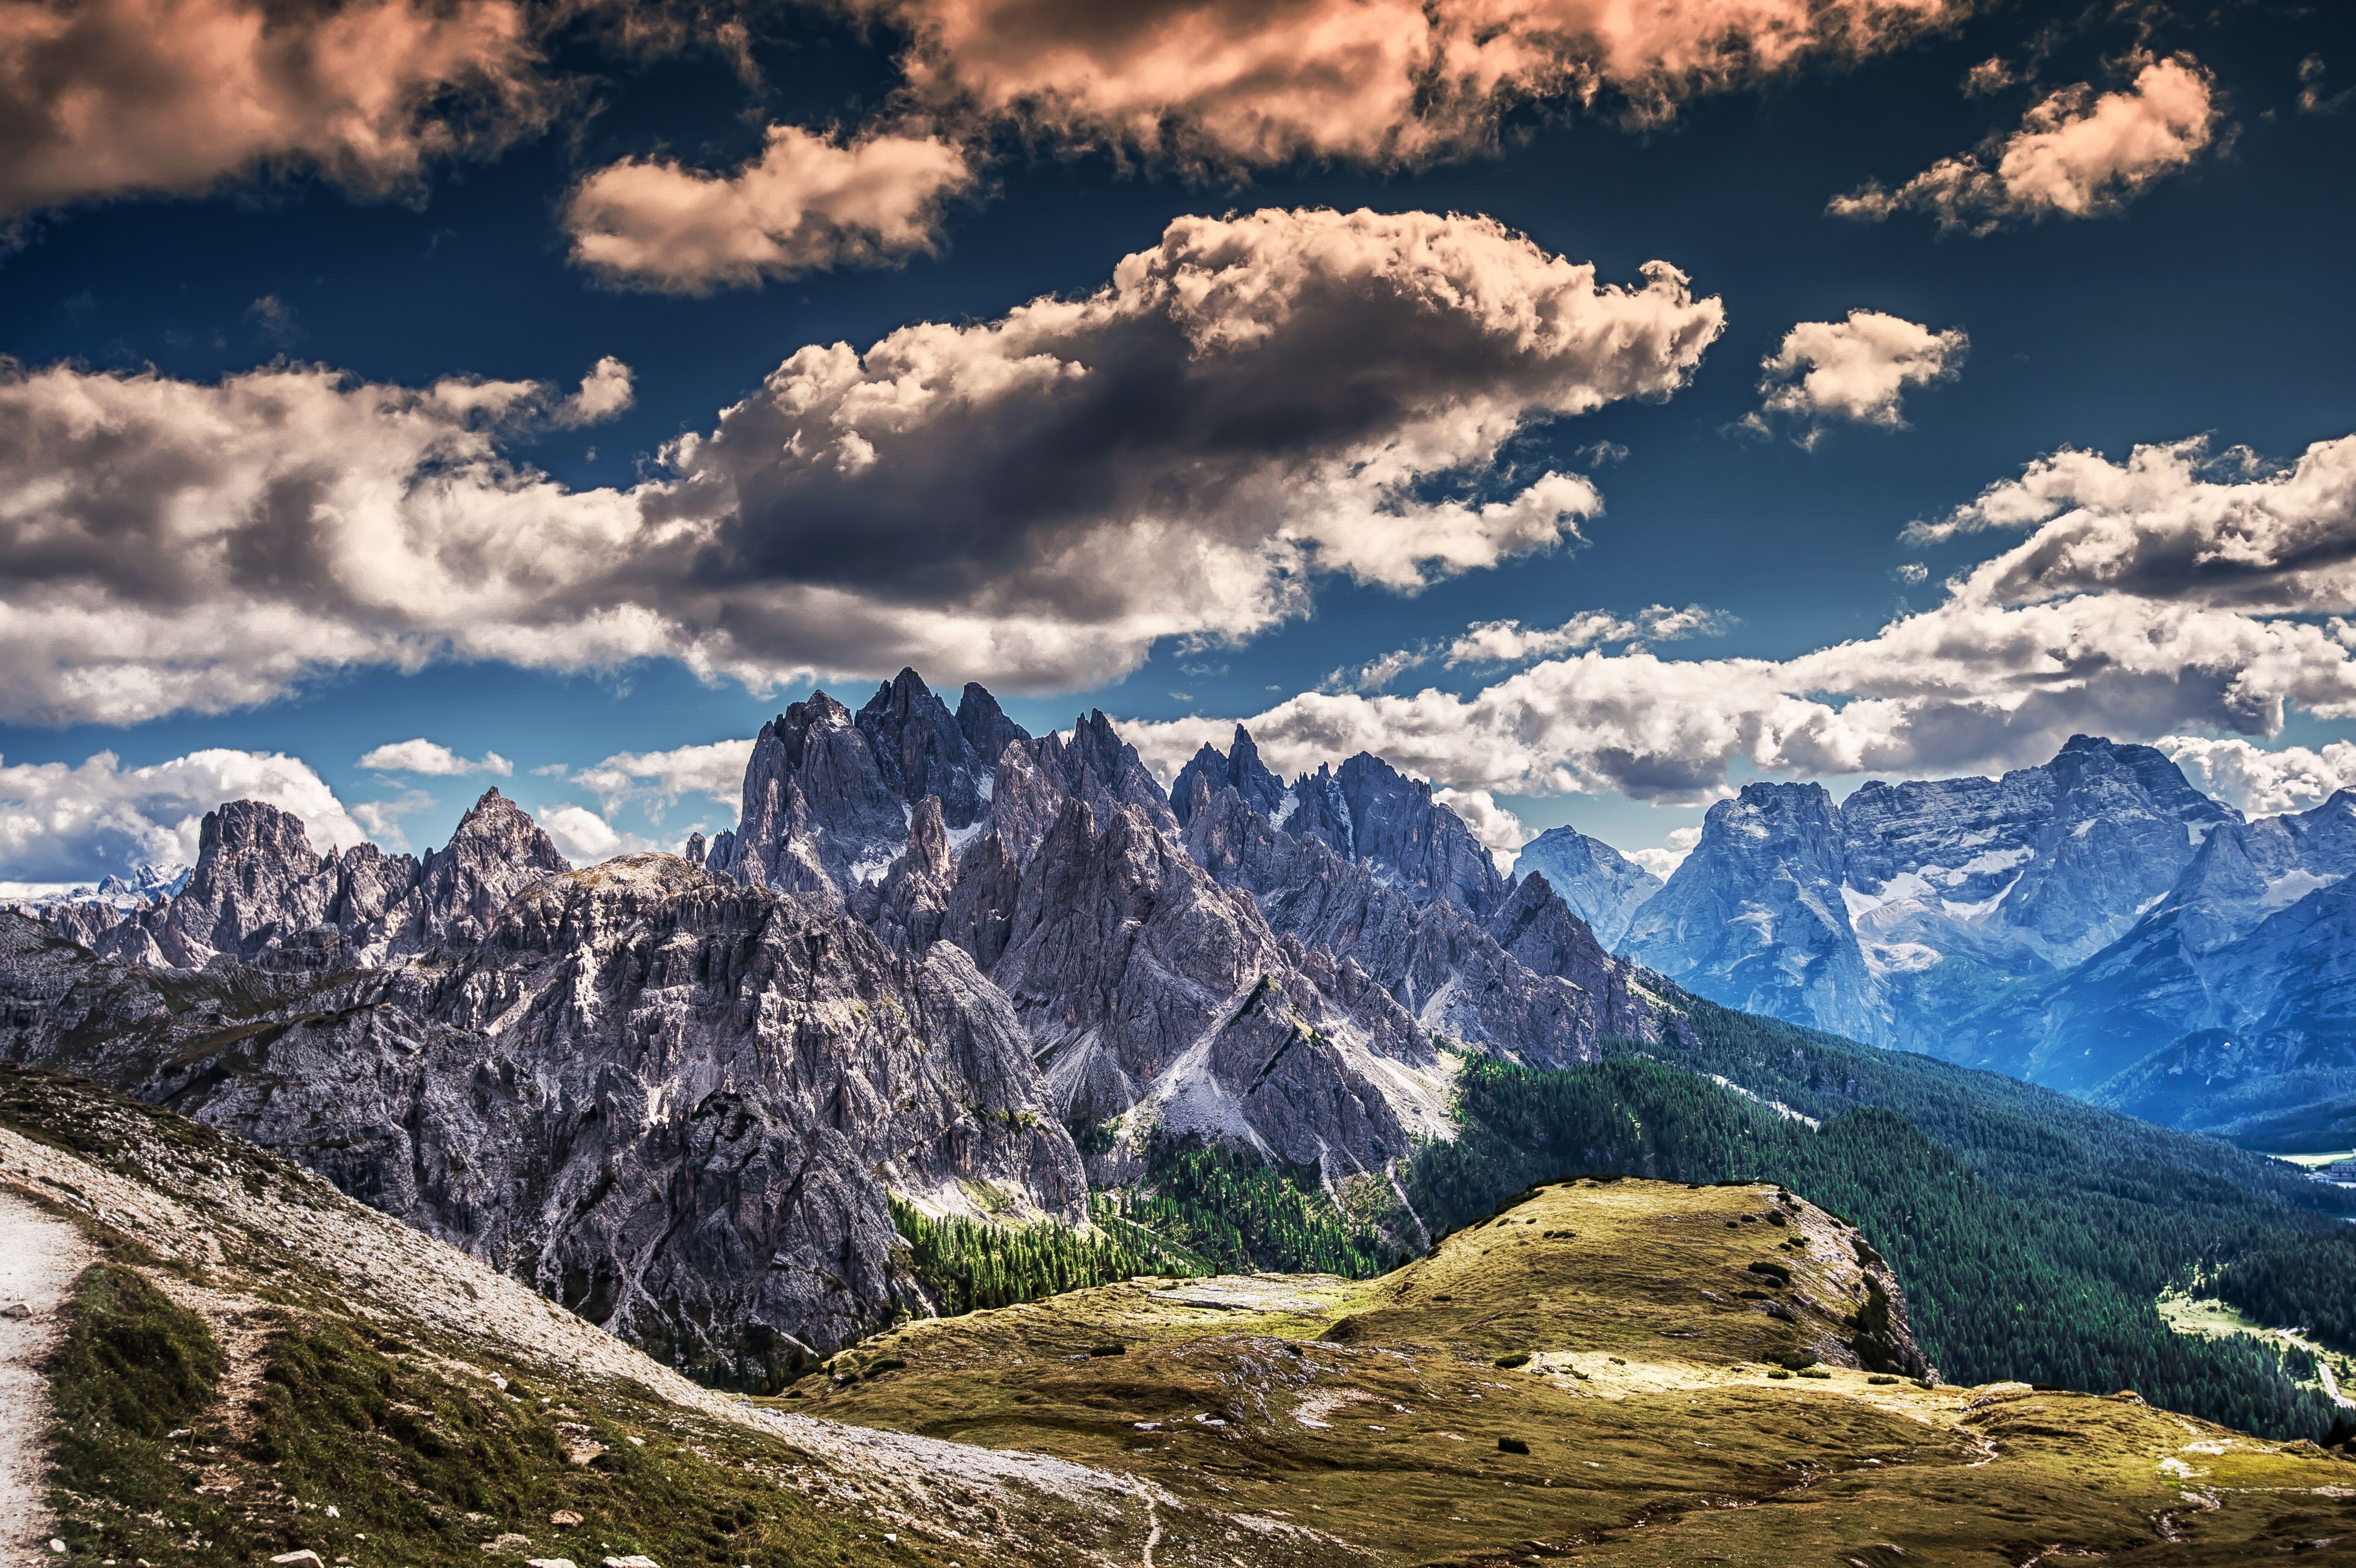 природа небо облака горы скалы  № 514768 бесплатно